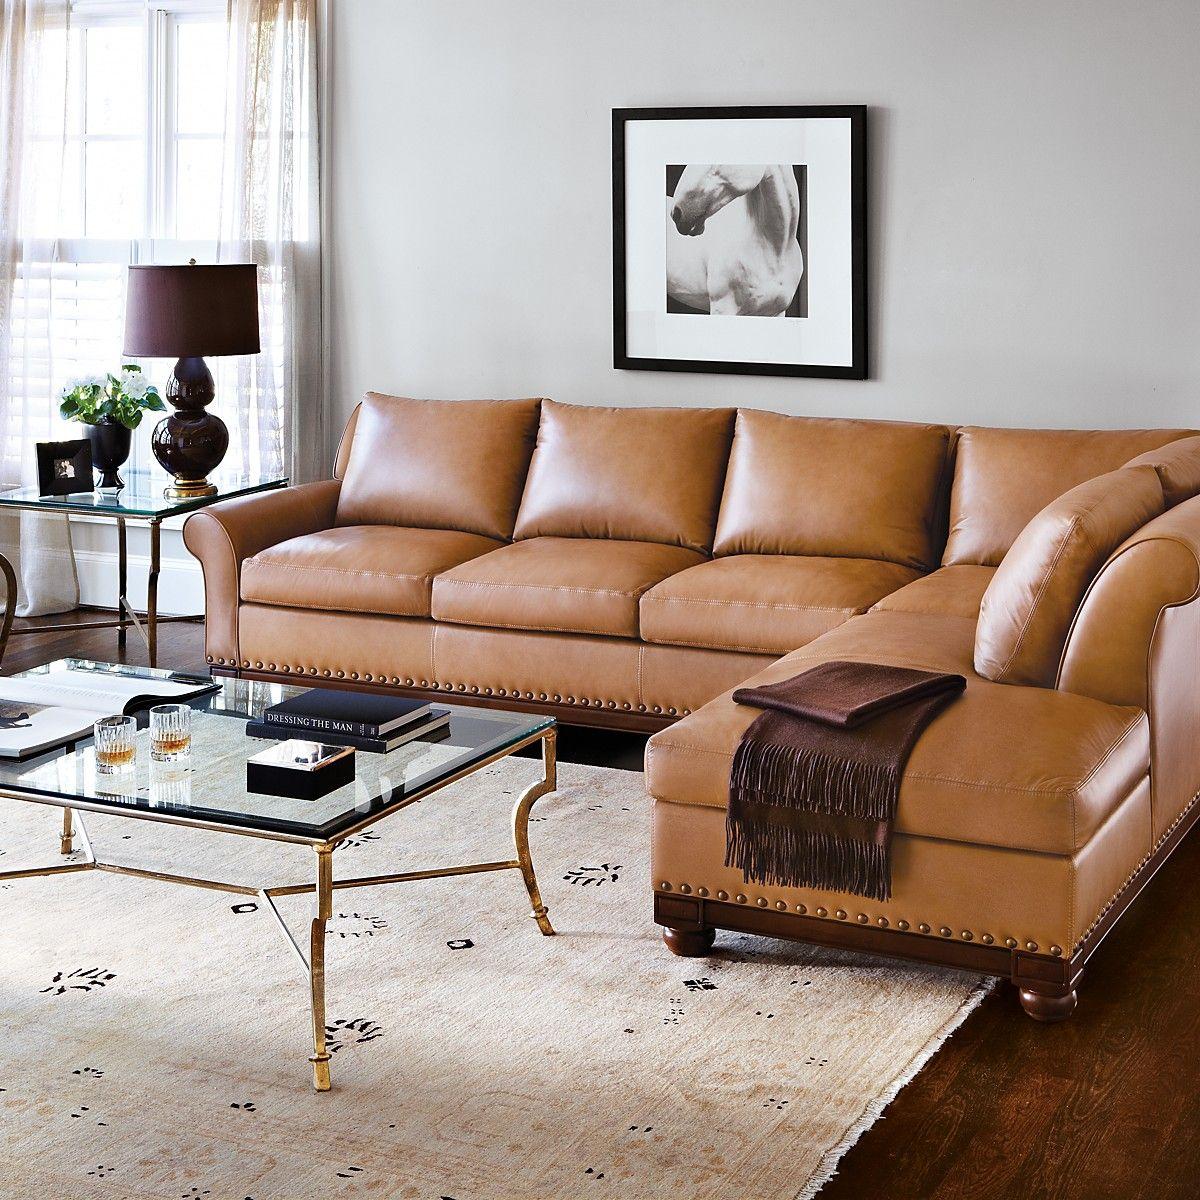 Bloomingdaleu0027s Echo Park Sectional Sofa | Bloomingdaleu0027s